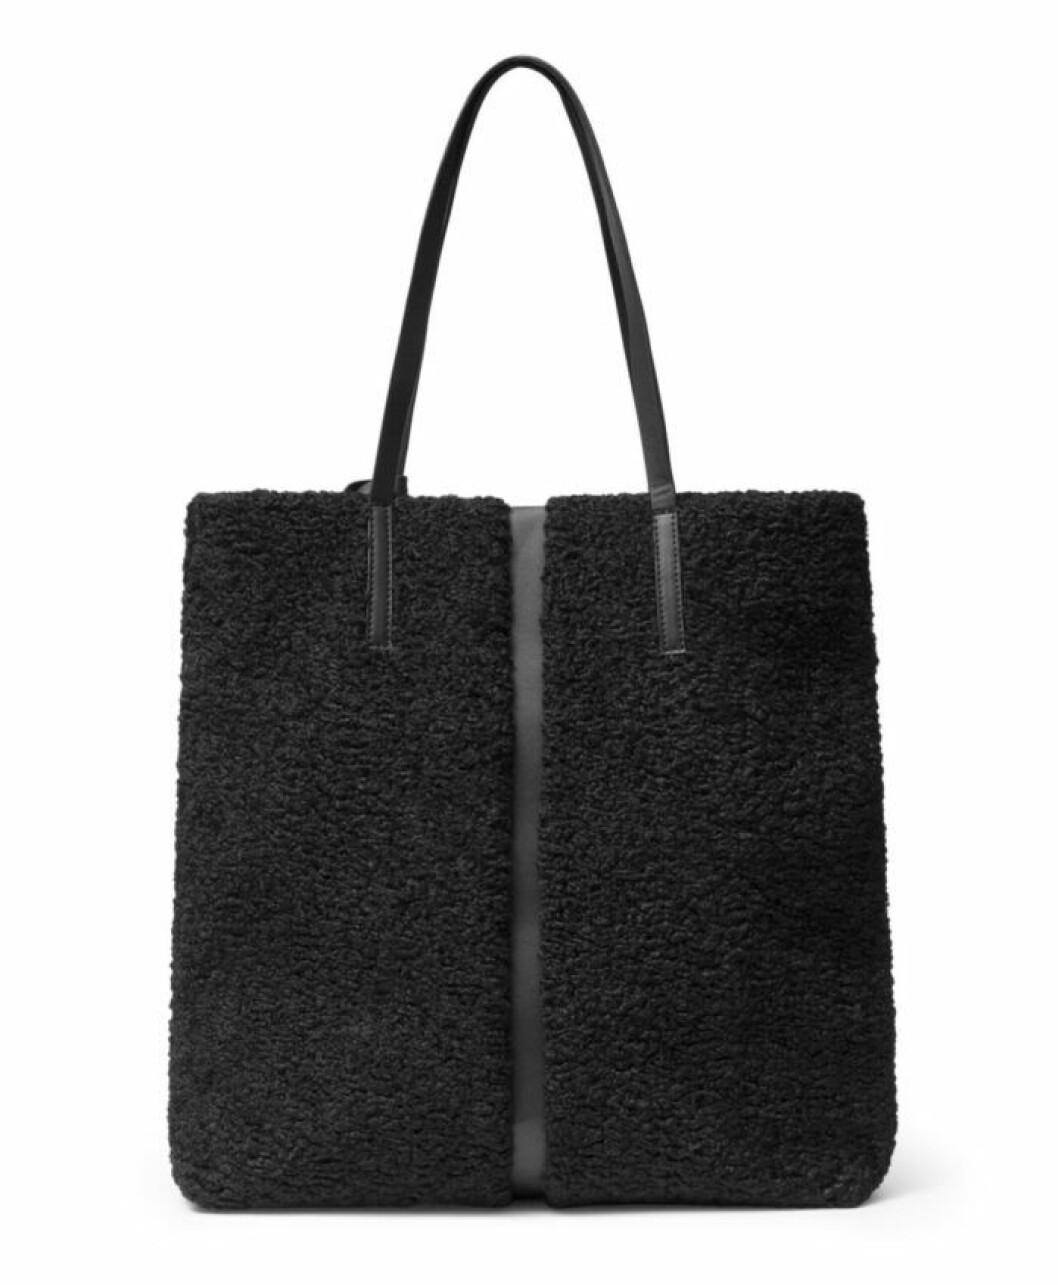 Svart väska med teddypäls till våren 2020